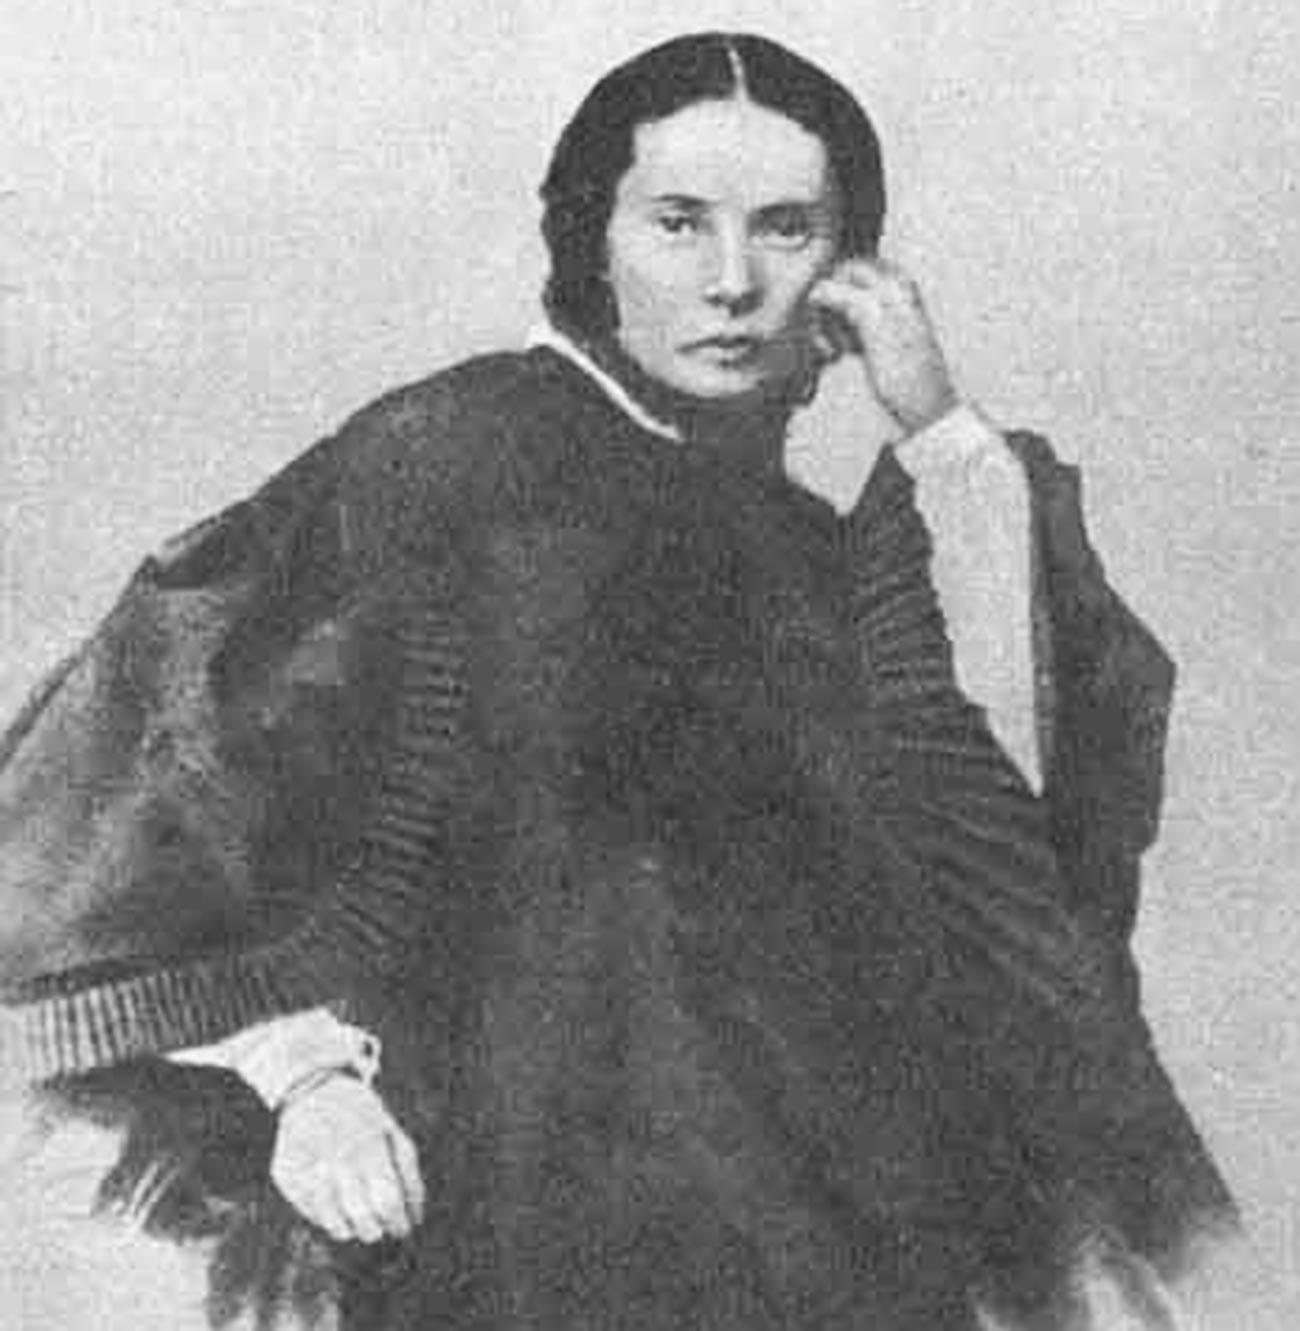 Марија Дмитријевна Достојевска, девојачко Констант, а по првом мужу Исајева (1824-1864) је 1857. постала прва жена Достојевског.